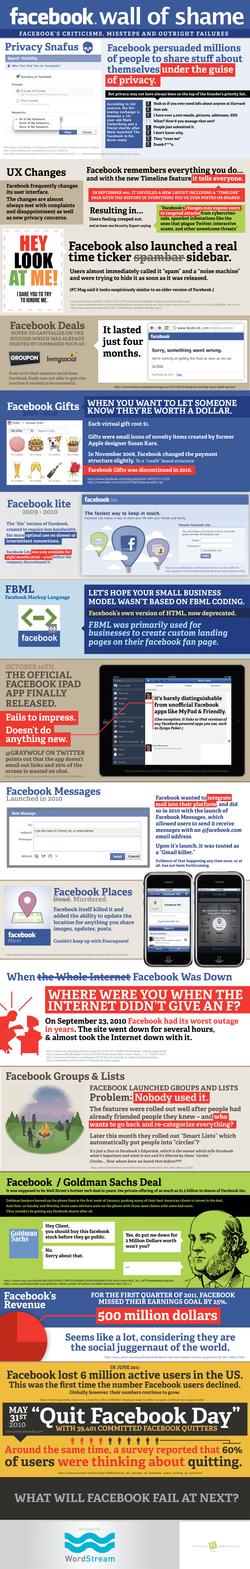 facebook-wall-shame-failures